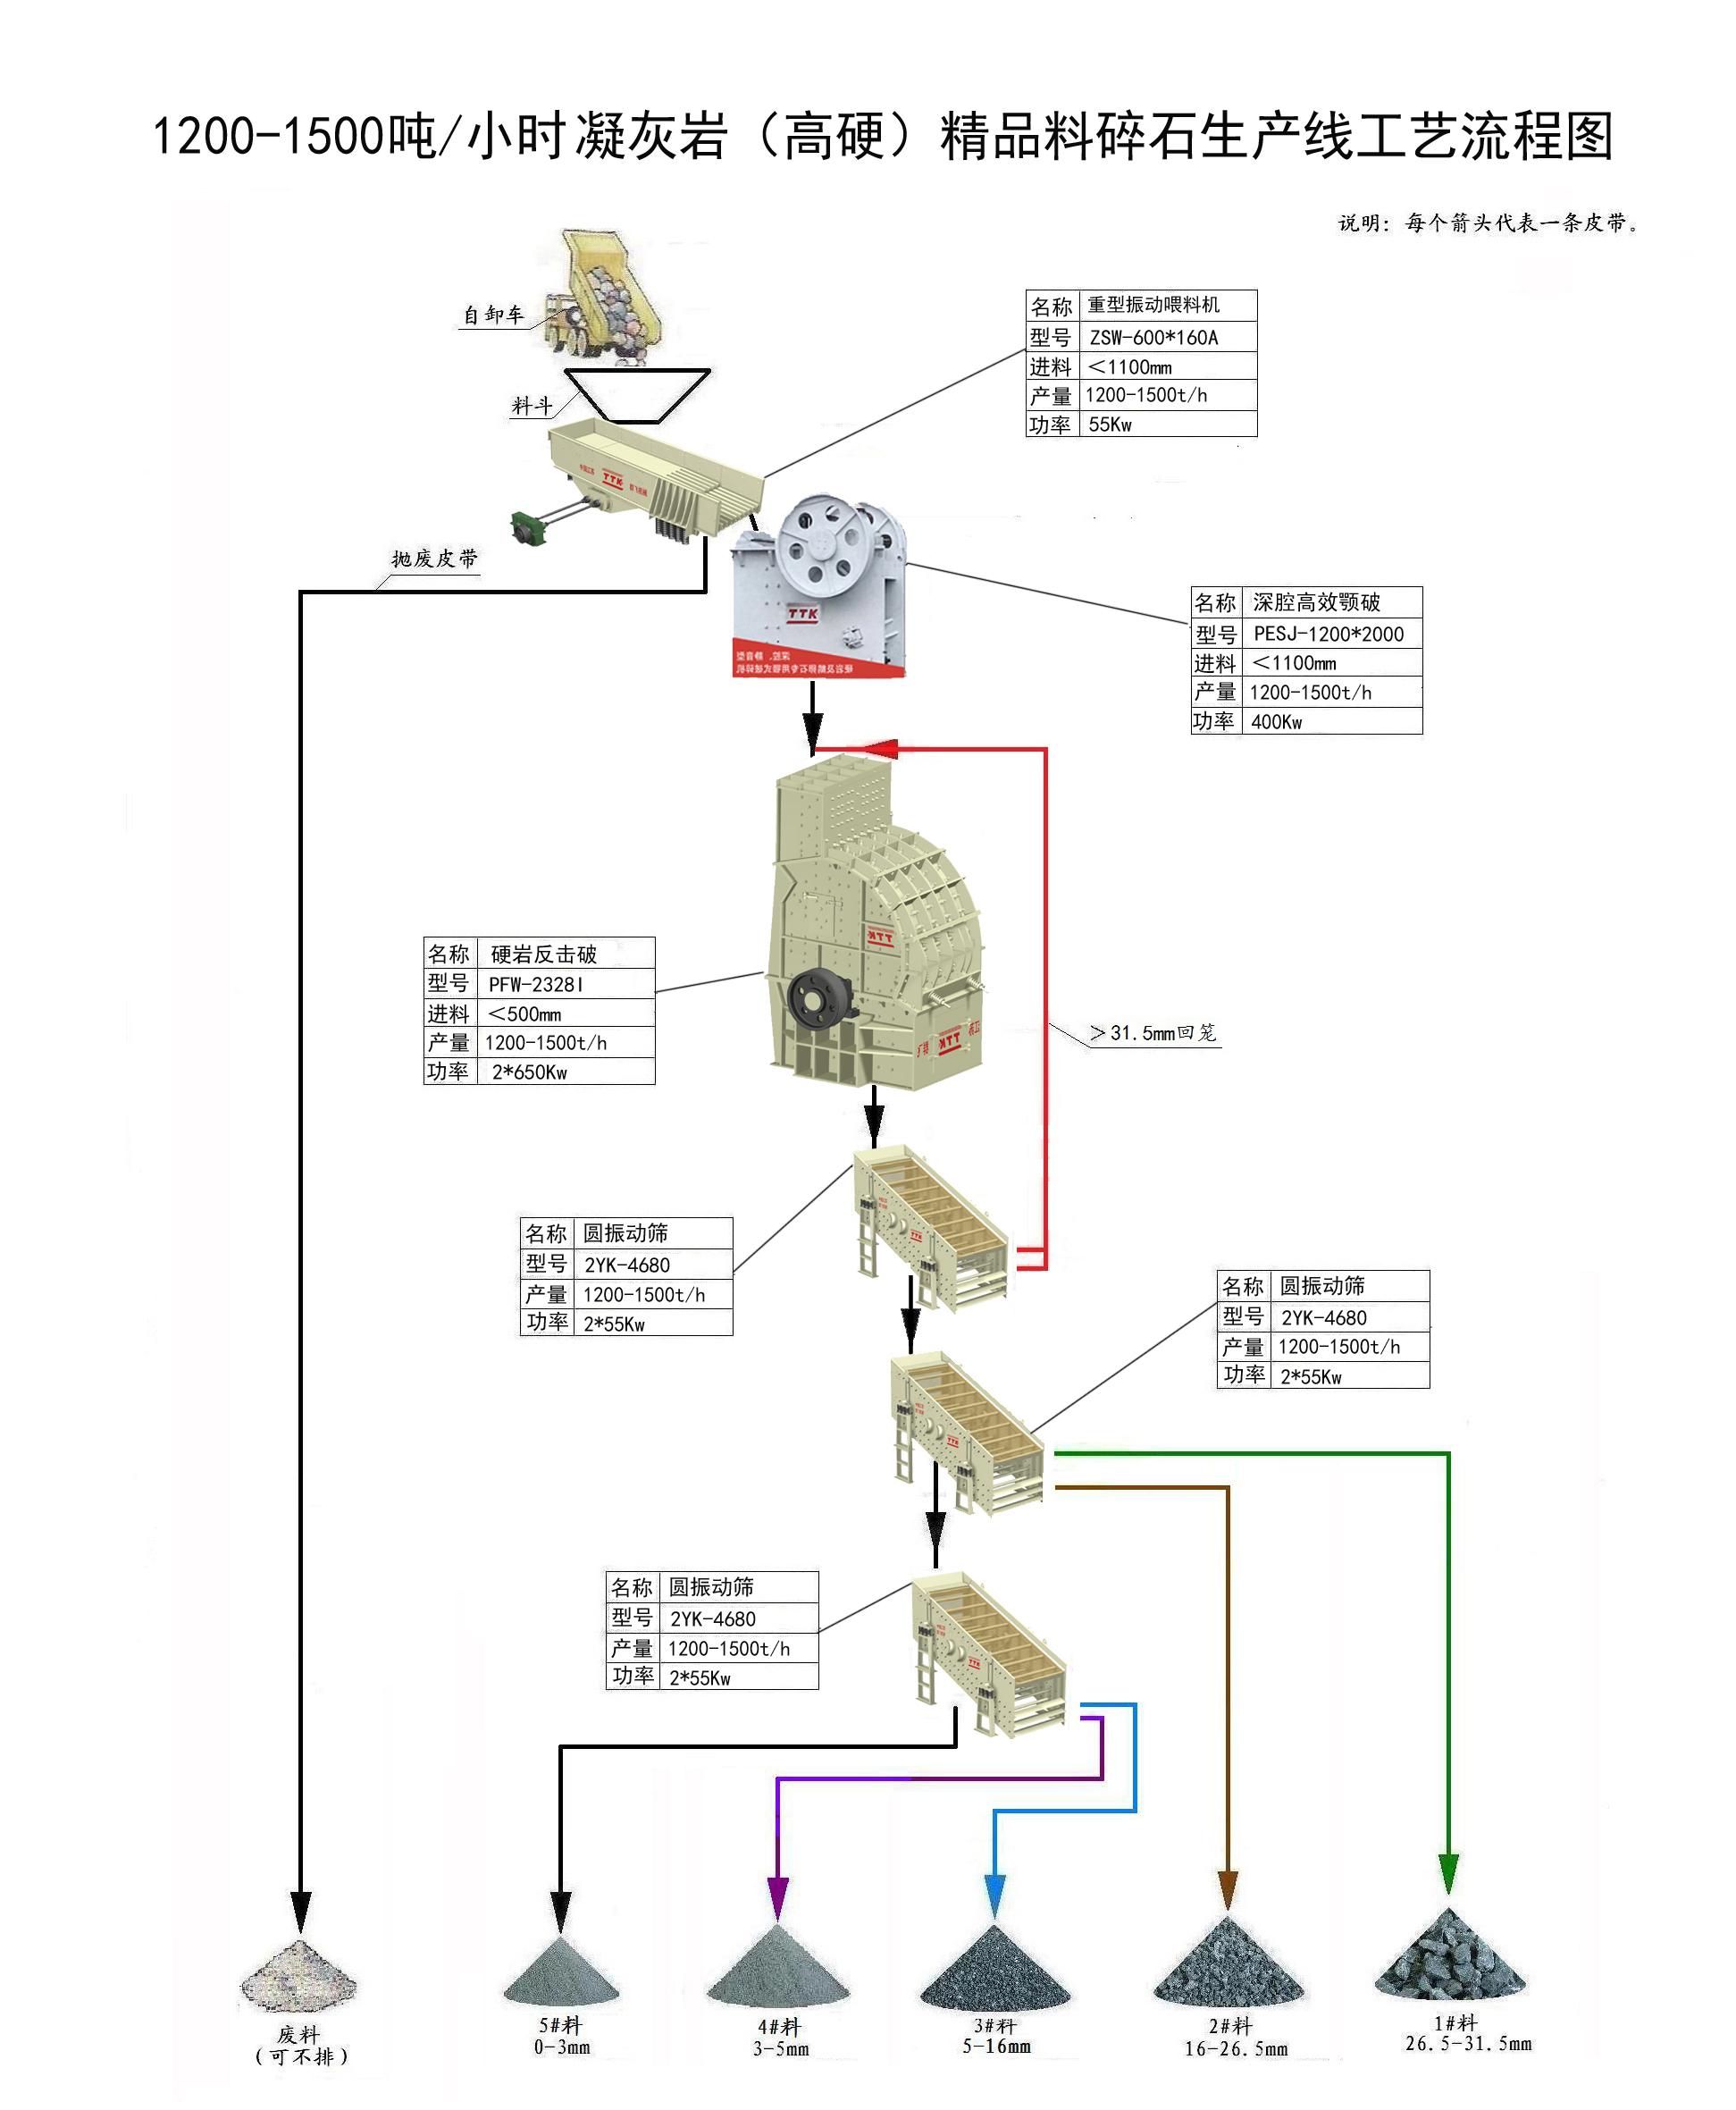 凝灰巖工藝流程圖(1200-1500)